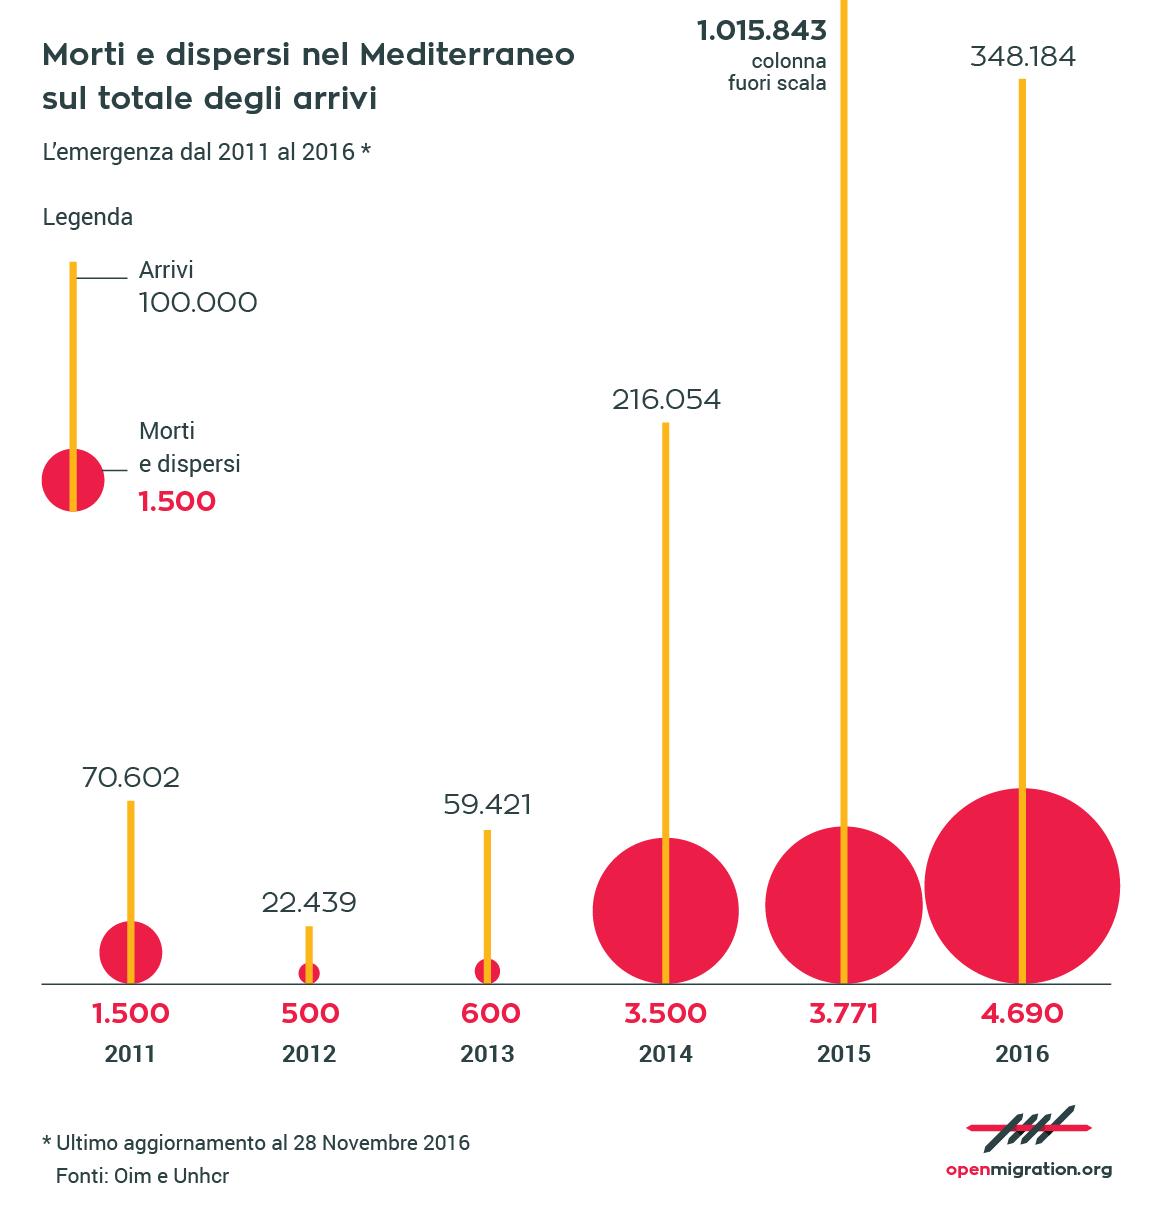 Morti e dispersi nel Mediterraneo, 2011-2016